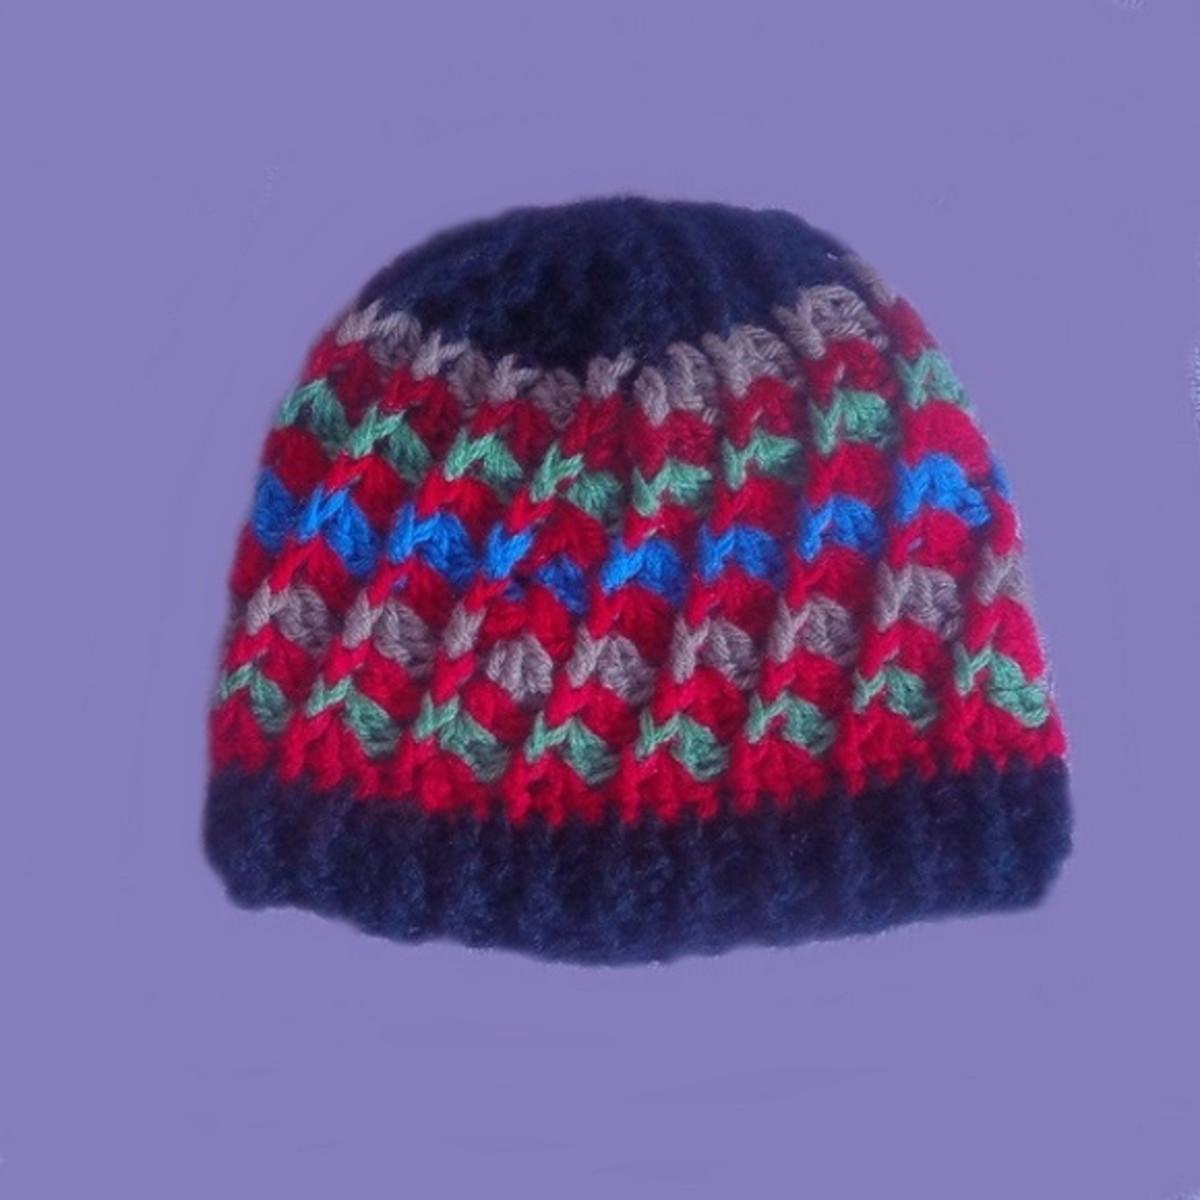 ace9efb97 Gorro crochê feito com lã p menina ou menino-Pronta entrega! no Elo7 ...